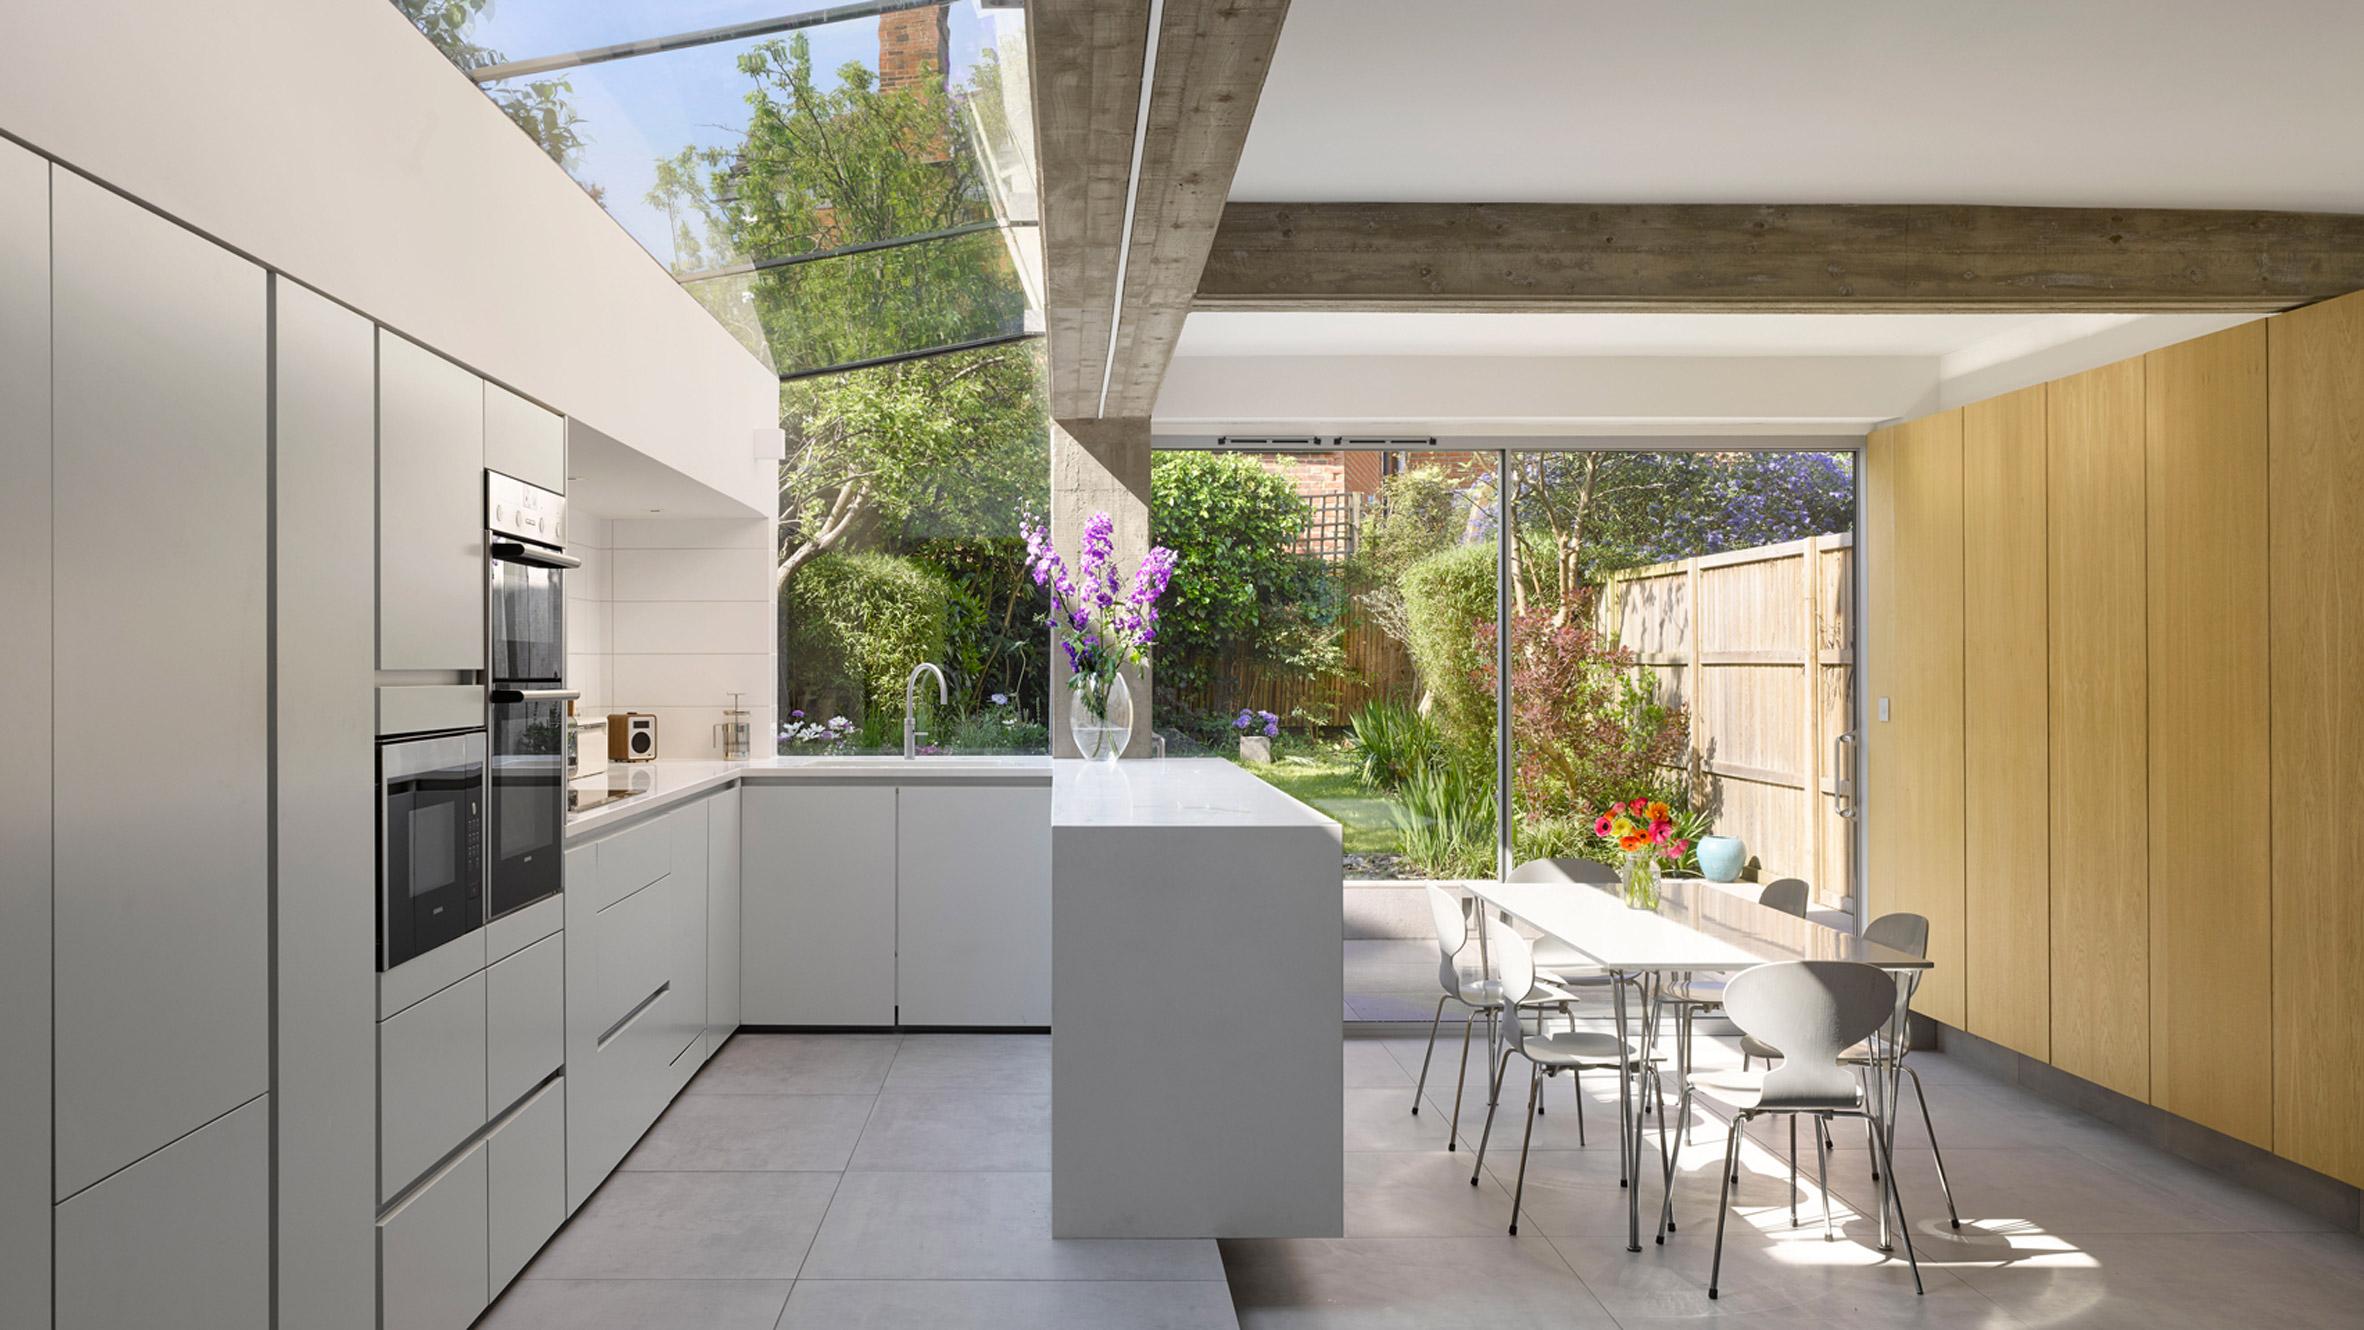 Kitchen in Tibur House by Paul Archer Design